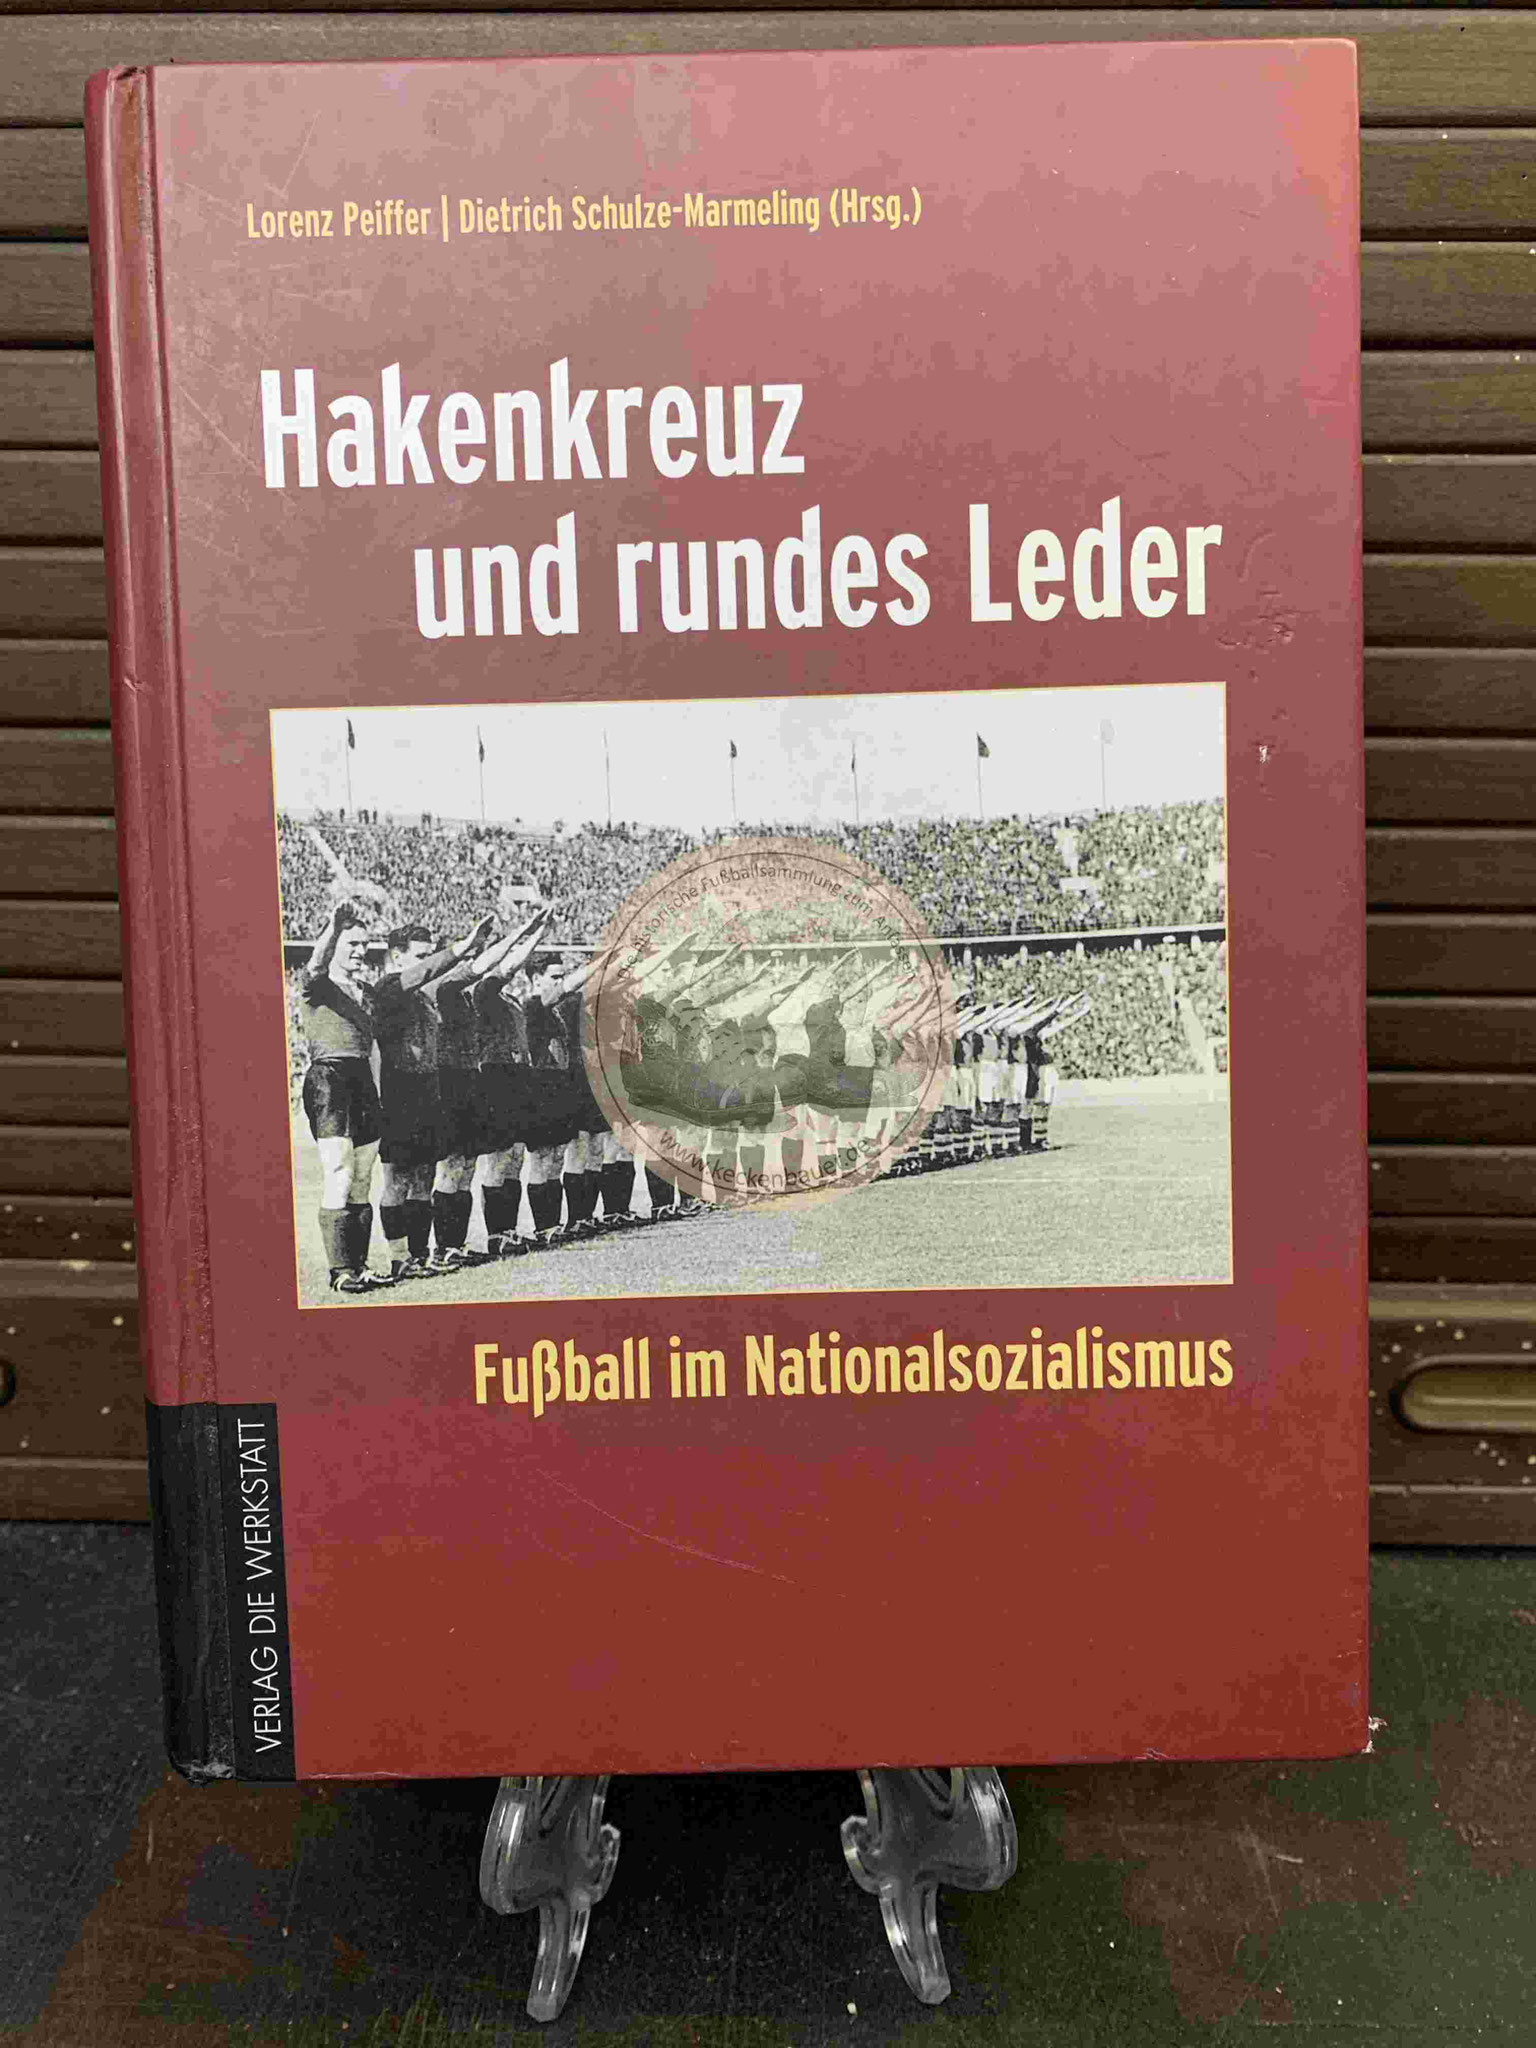 Hakenkreuz und rundes Leder Fußball im Nationalsozialismus aus dem Jahr 2008